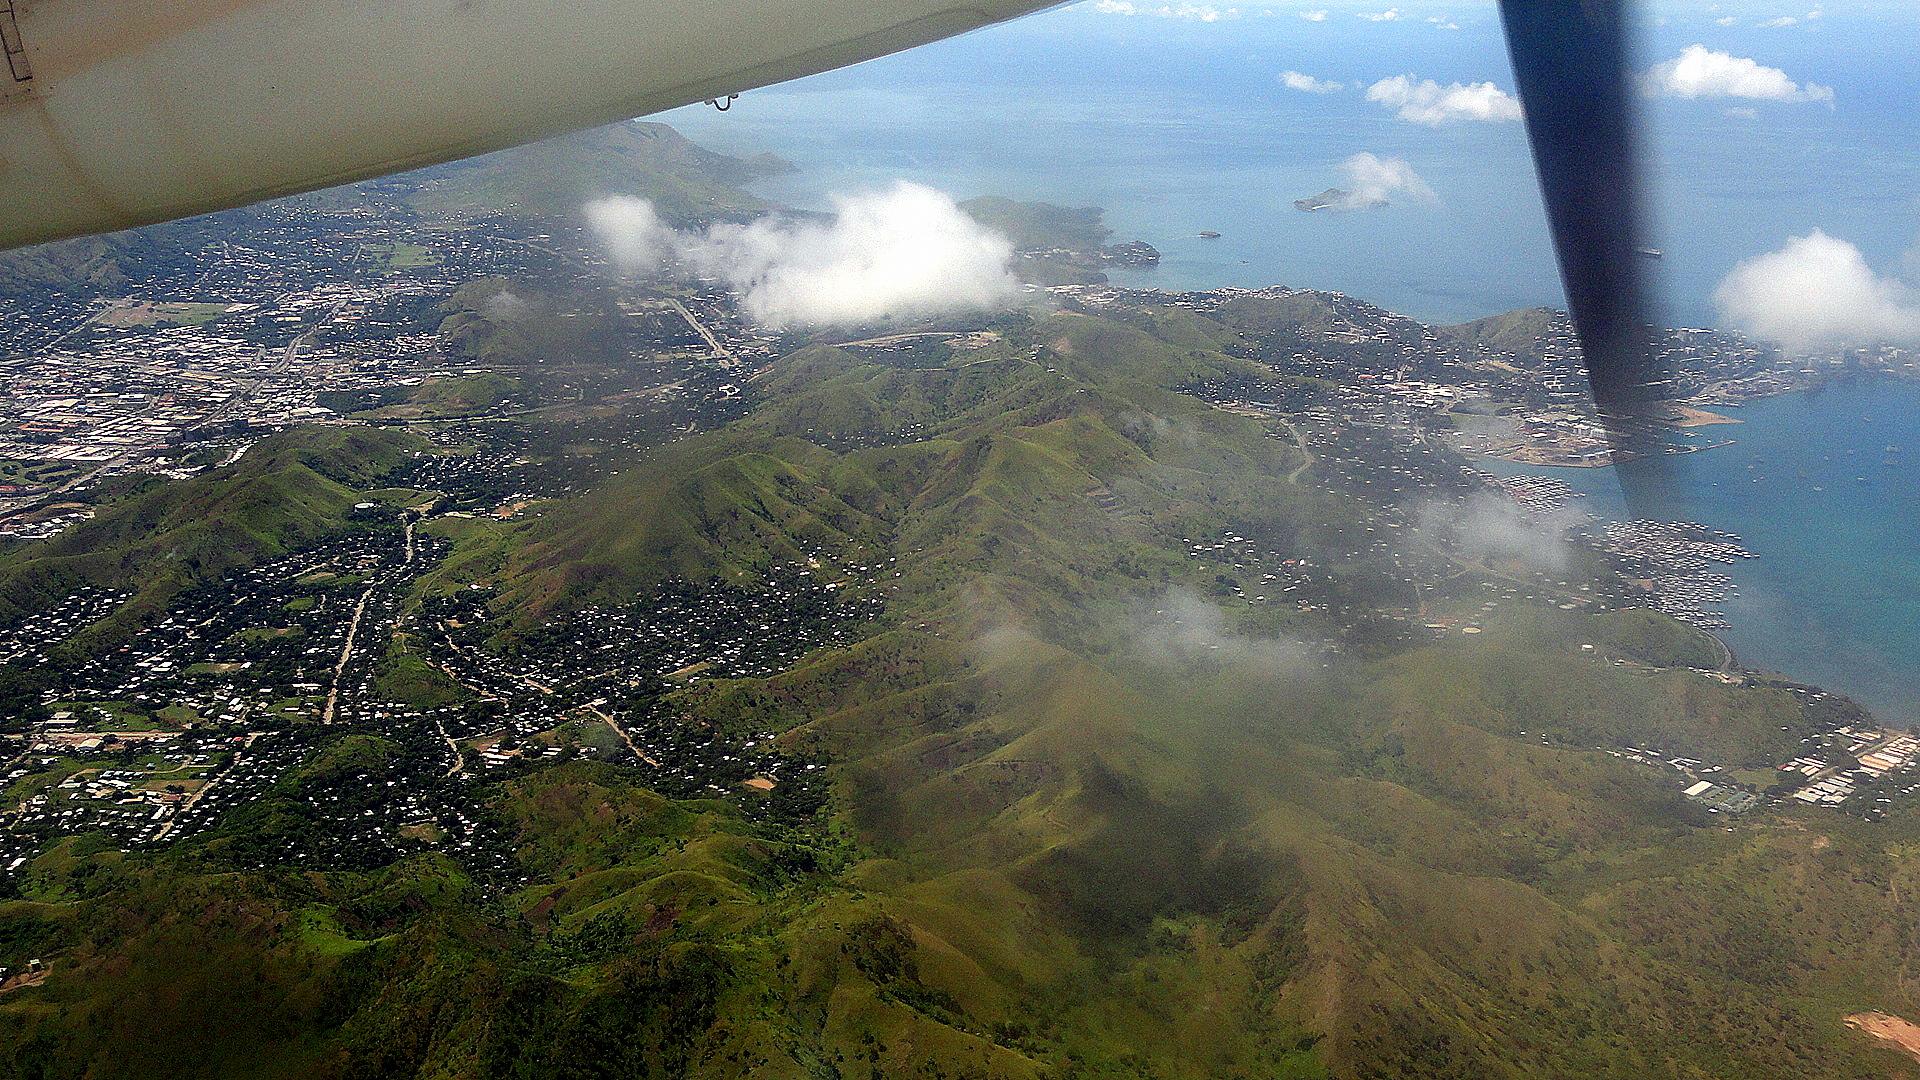 POM Sprawl from the Air